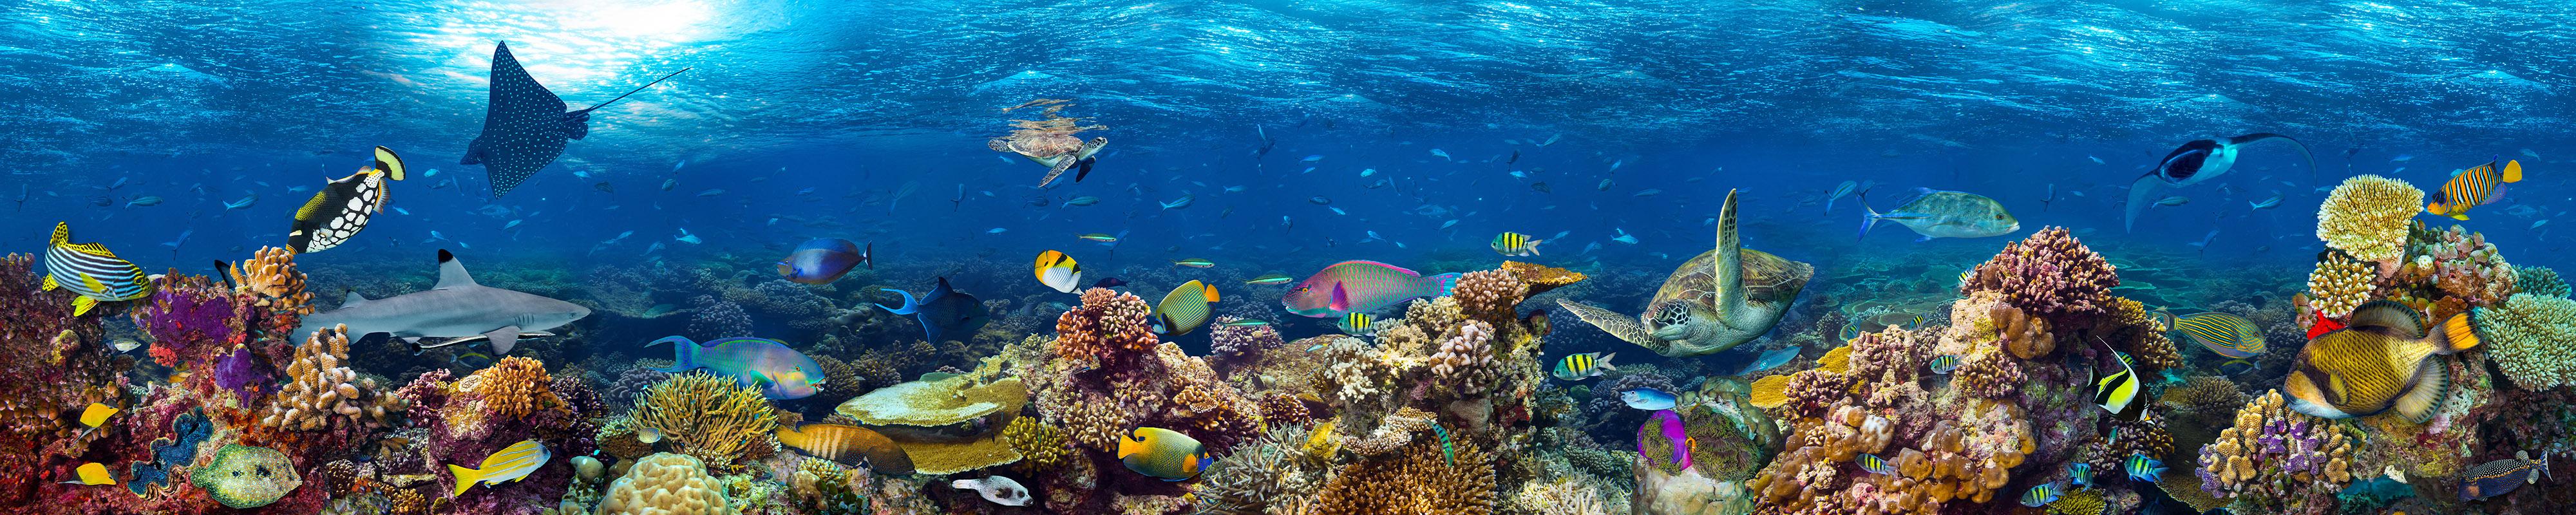 paisagem de recife de coral subaquático2-editado